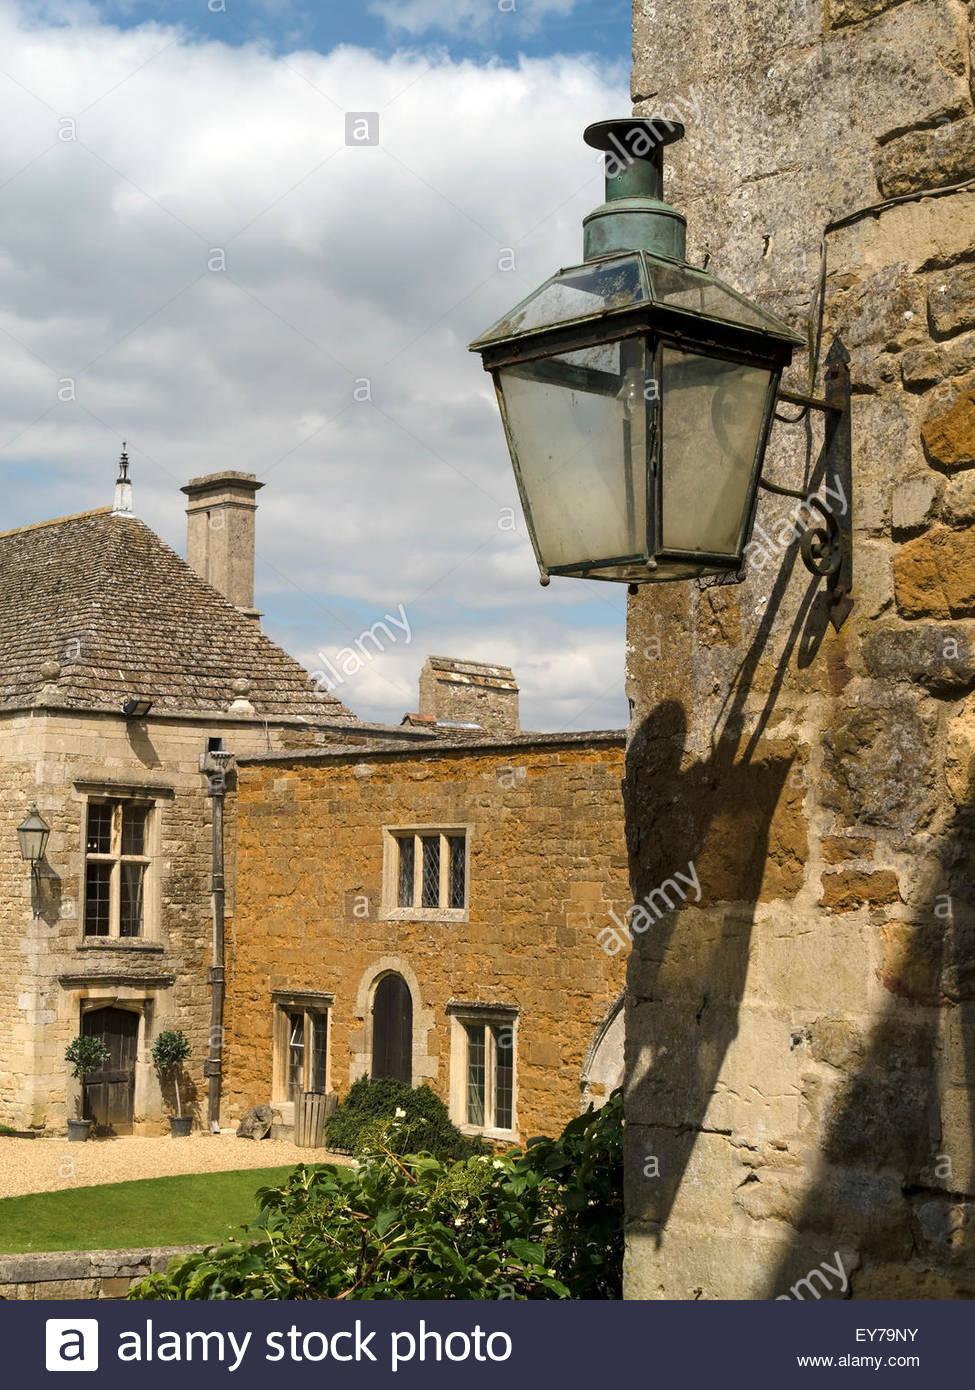 Old lantern outside light, Rockingham Castle, Northamptonshire, England, UK. - Stock Image